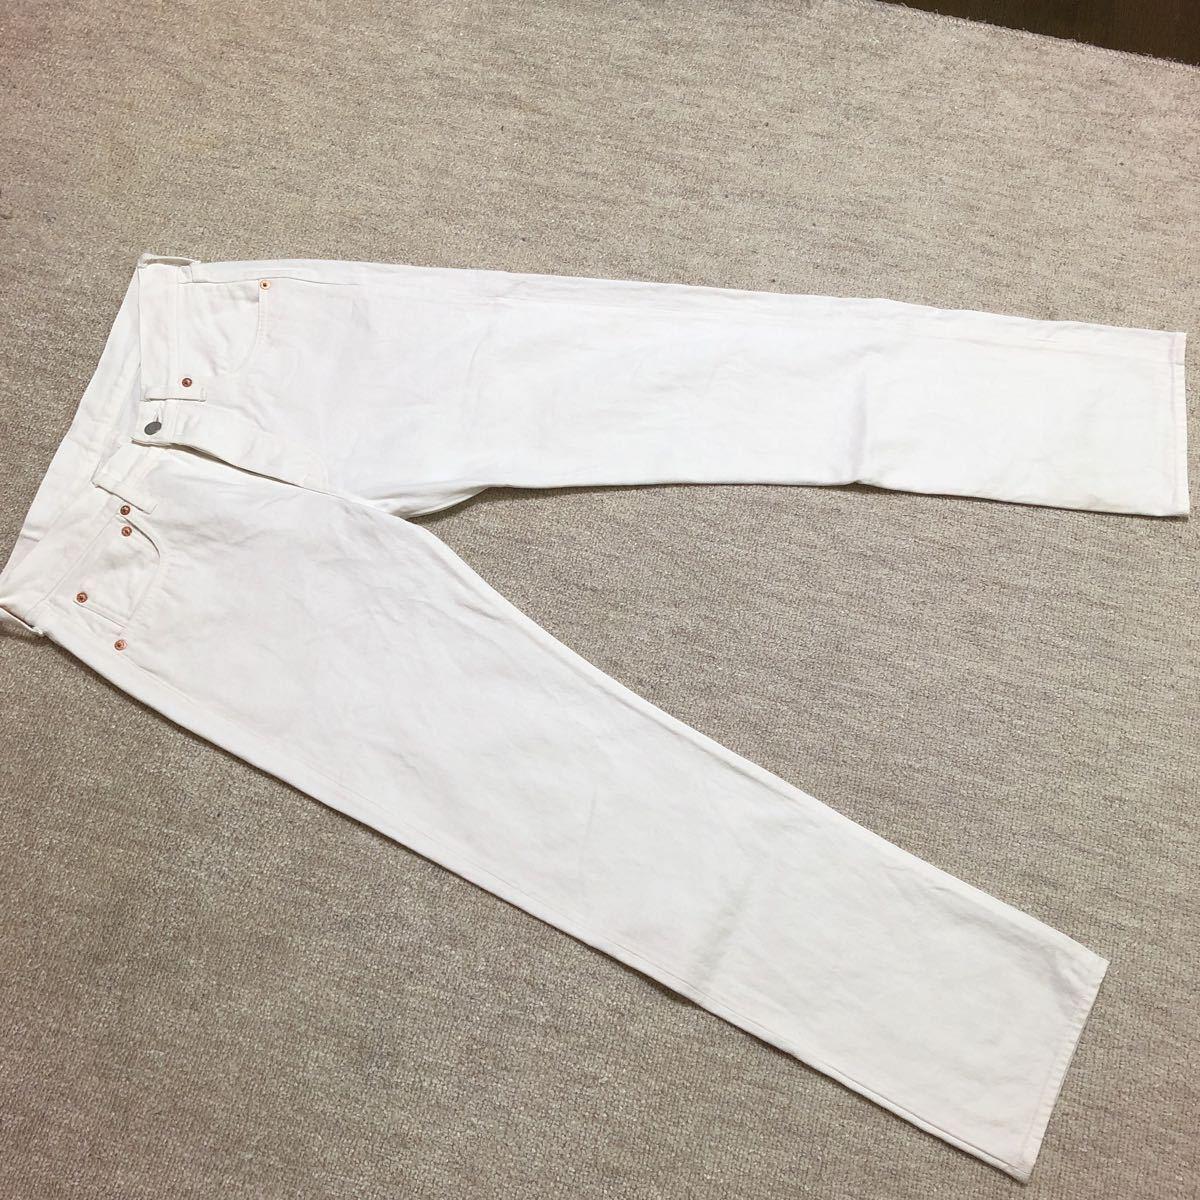 SUGAR CANE Lot265 ホワイトジーンズ W31/検 シュガーケーン バズリクソンズ 東洋 リアルマッコイズ ウエアハウス_画像1